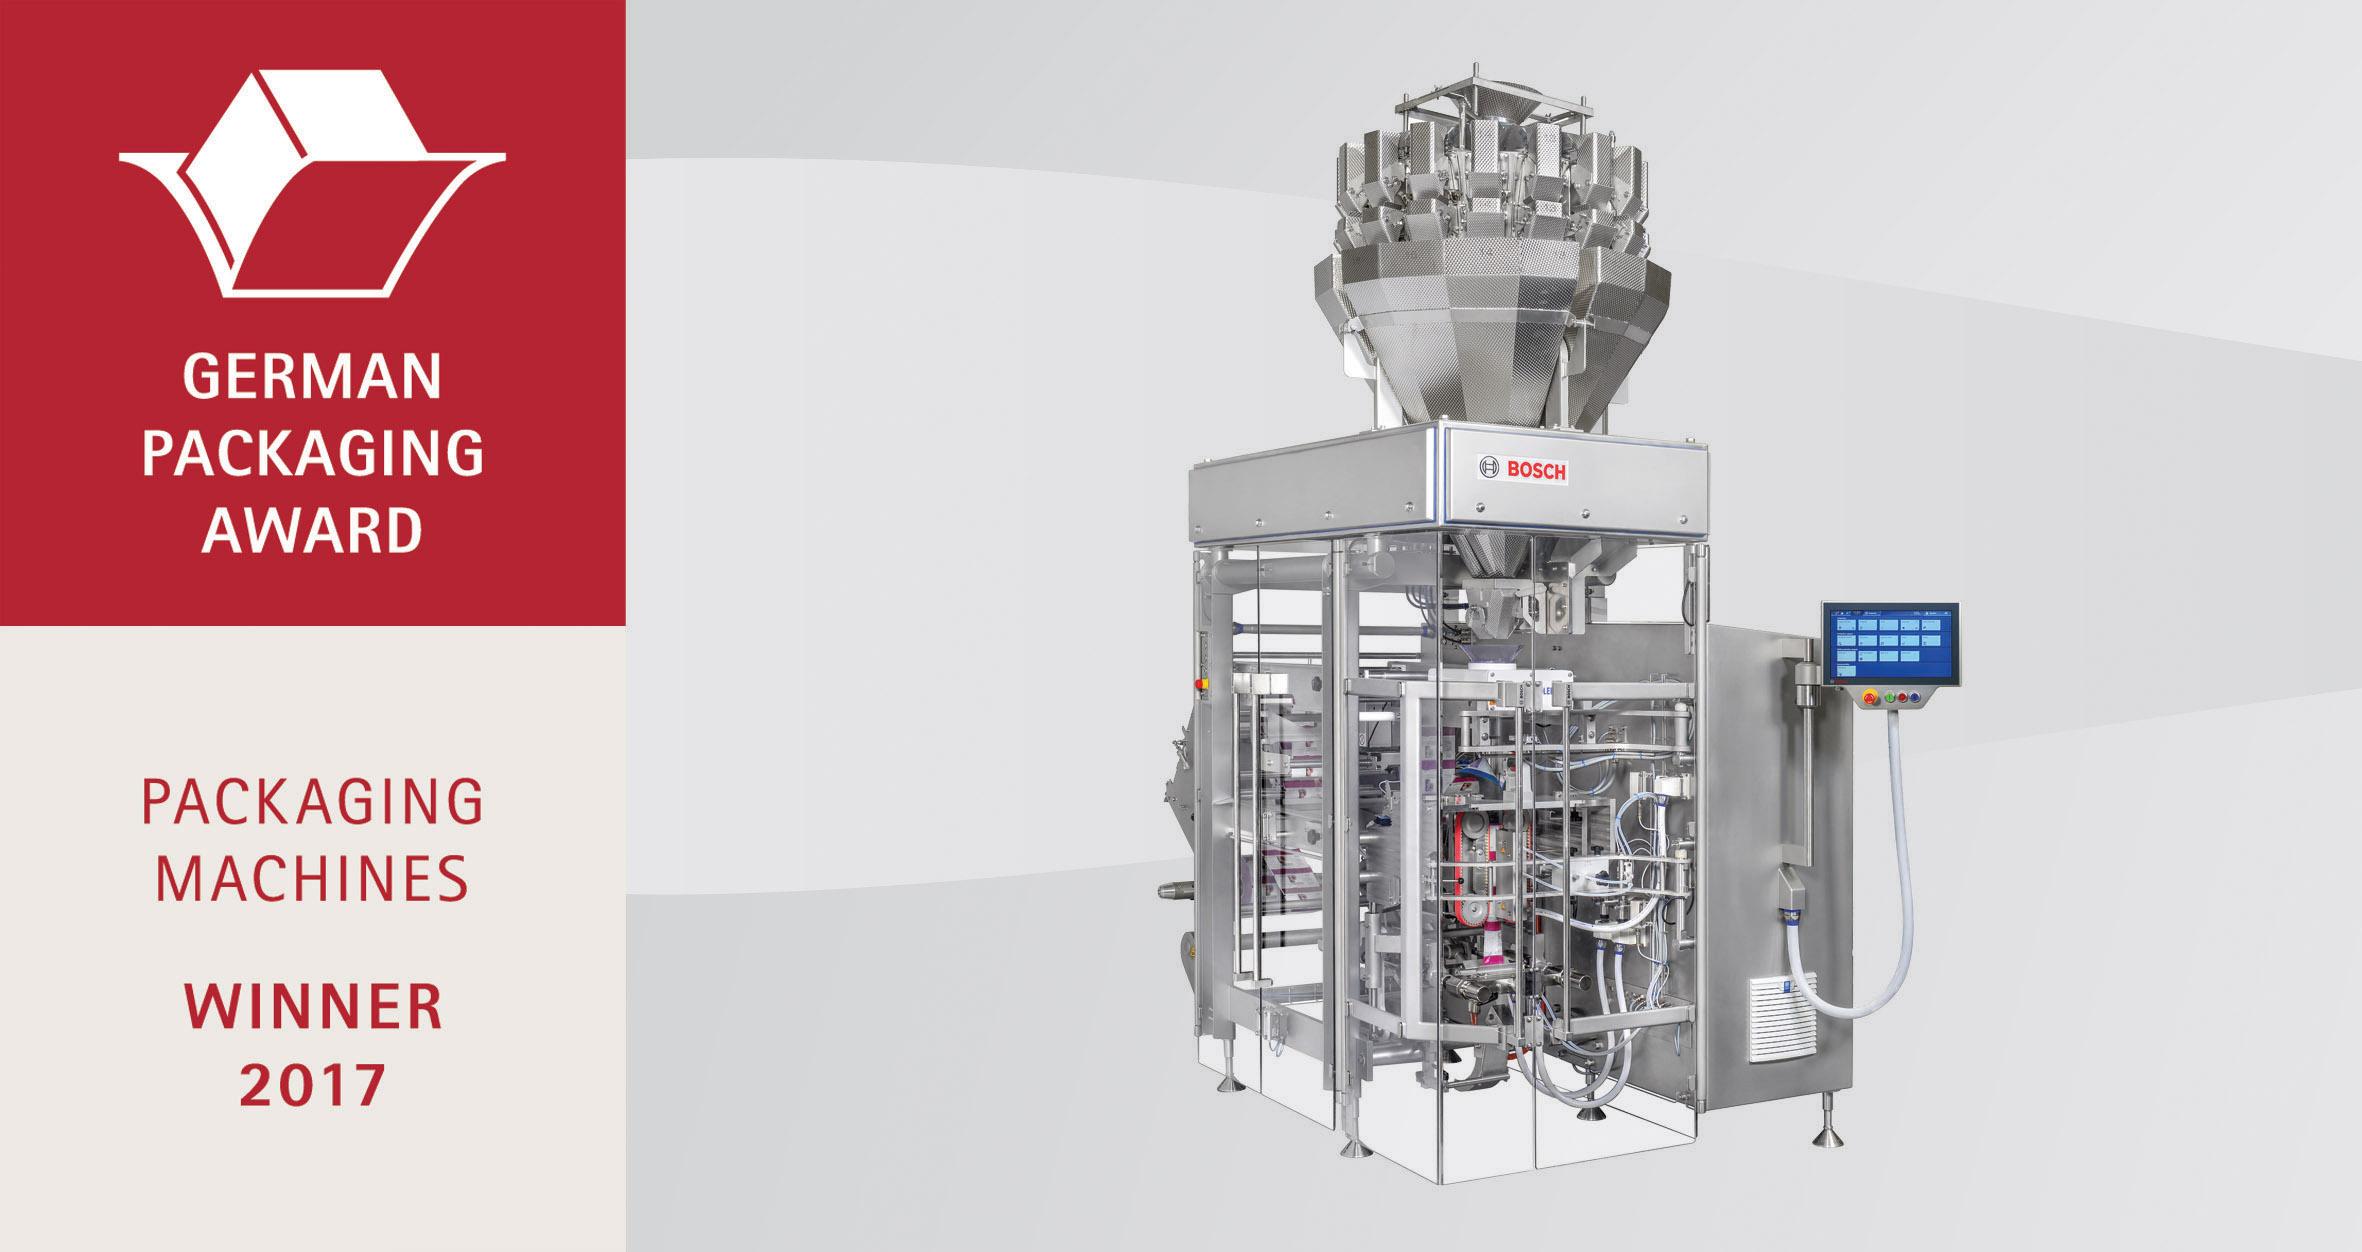 Deutscher Verpackungspreis 2017 für sensor-gesteuerte Produkterkennung